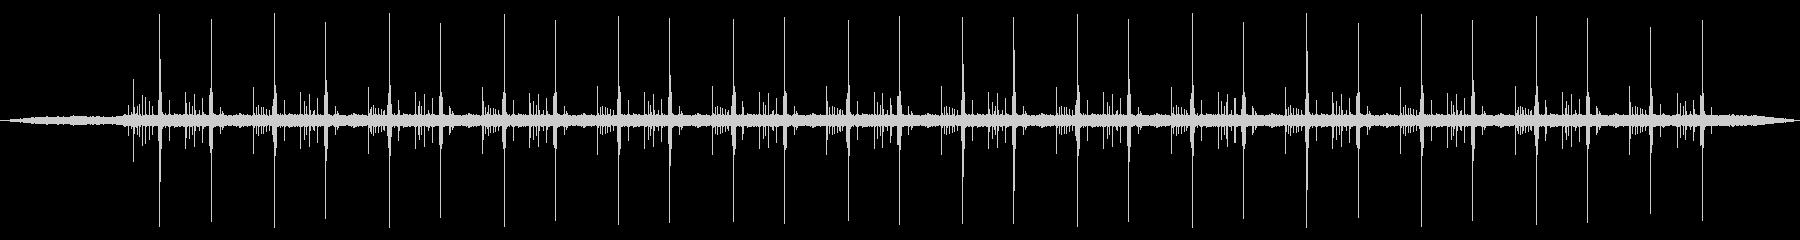 ハードディスクの異音2 ステレオの未再生の波形